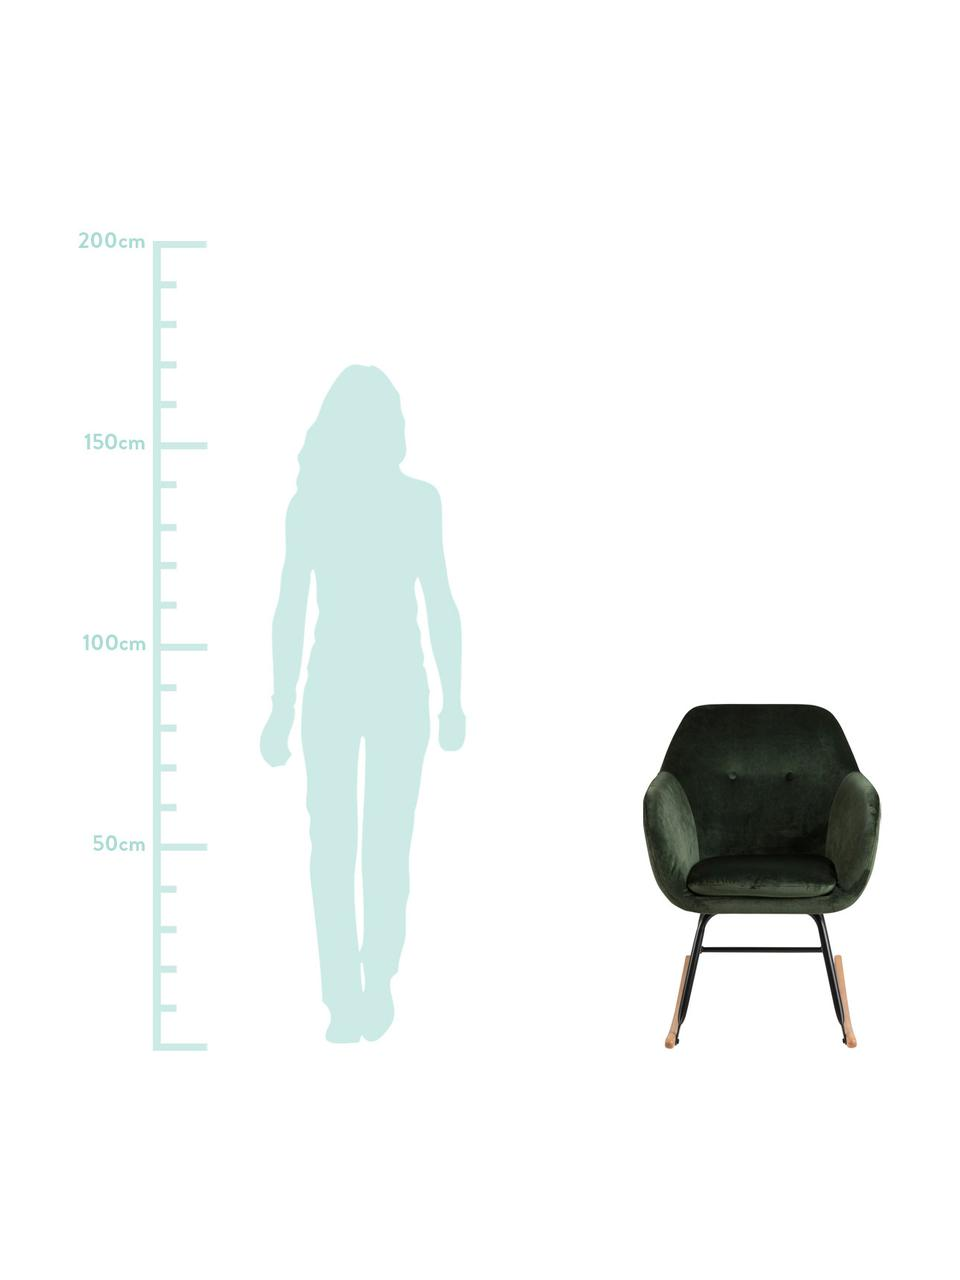 Samt-Schaukelstuhl Emilia in Grün, Bezug: Polyester (Samt) Der hoch, Beine: Metall, pulverbeschichtet, Samt Grün, 57 x 69 cm